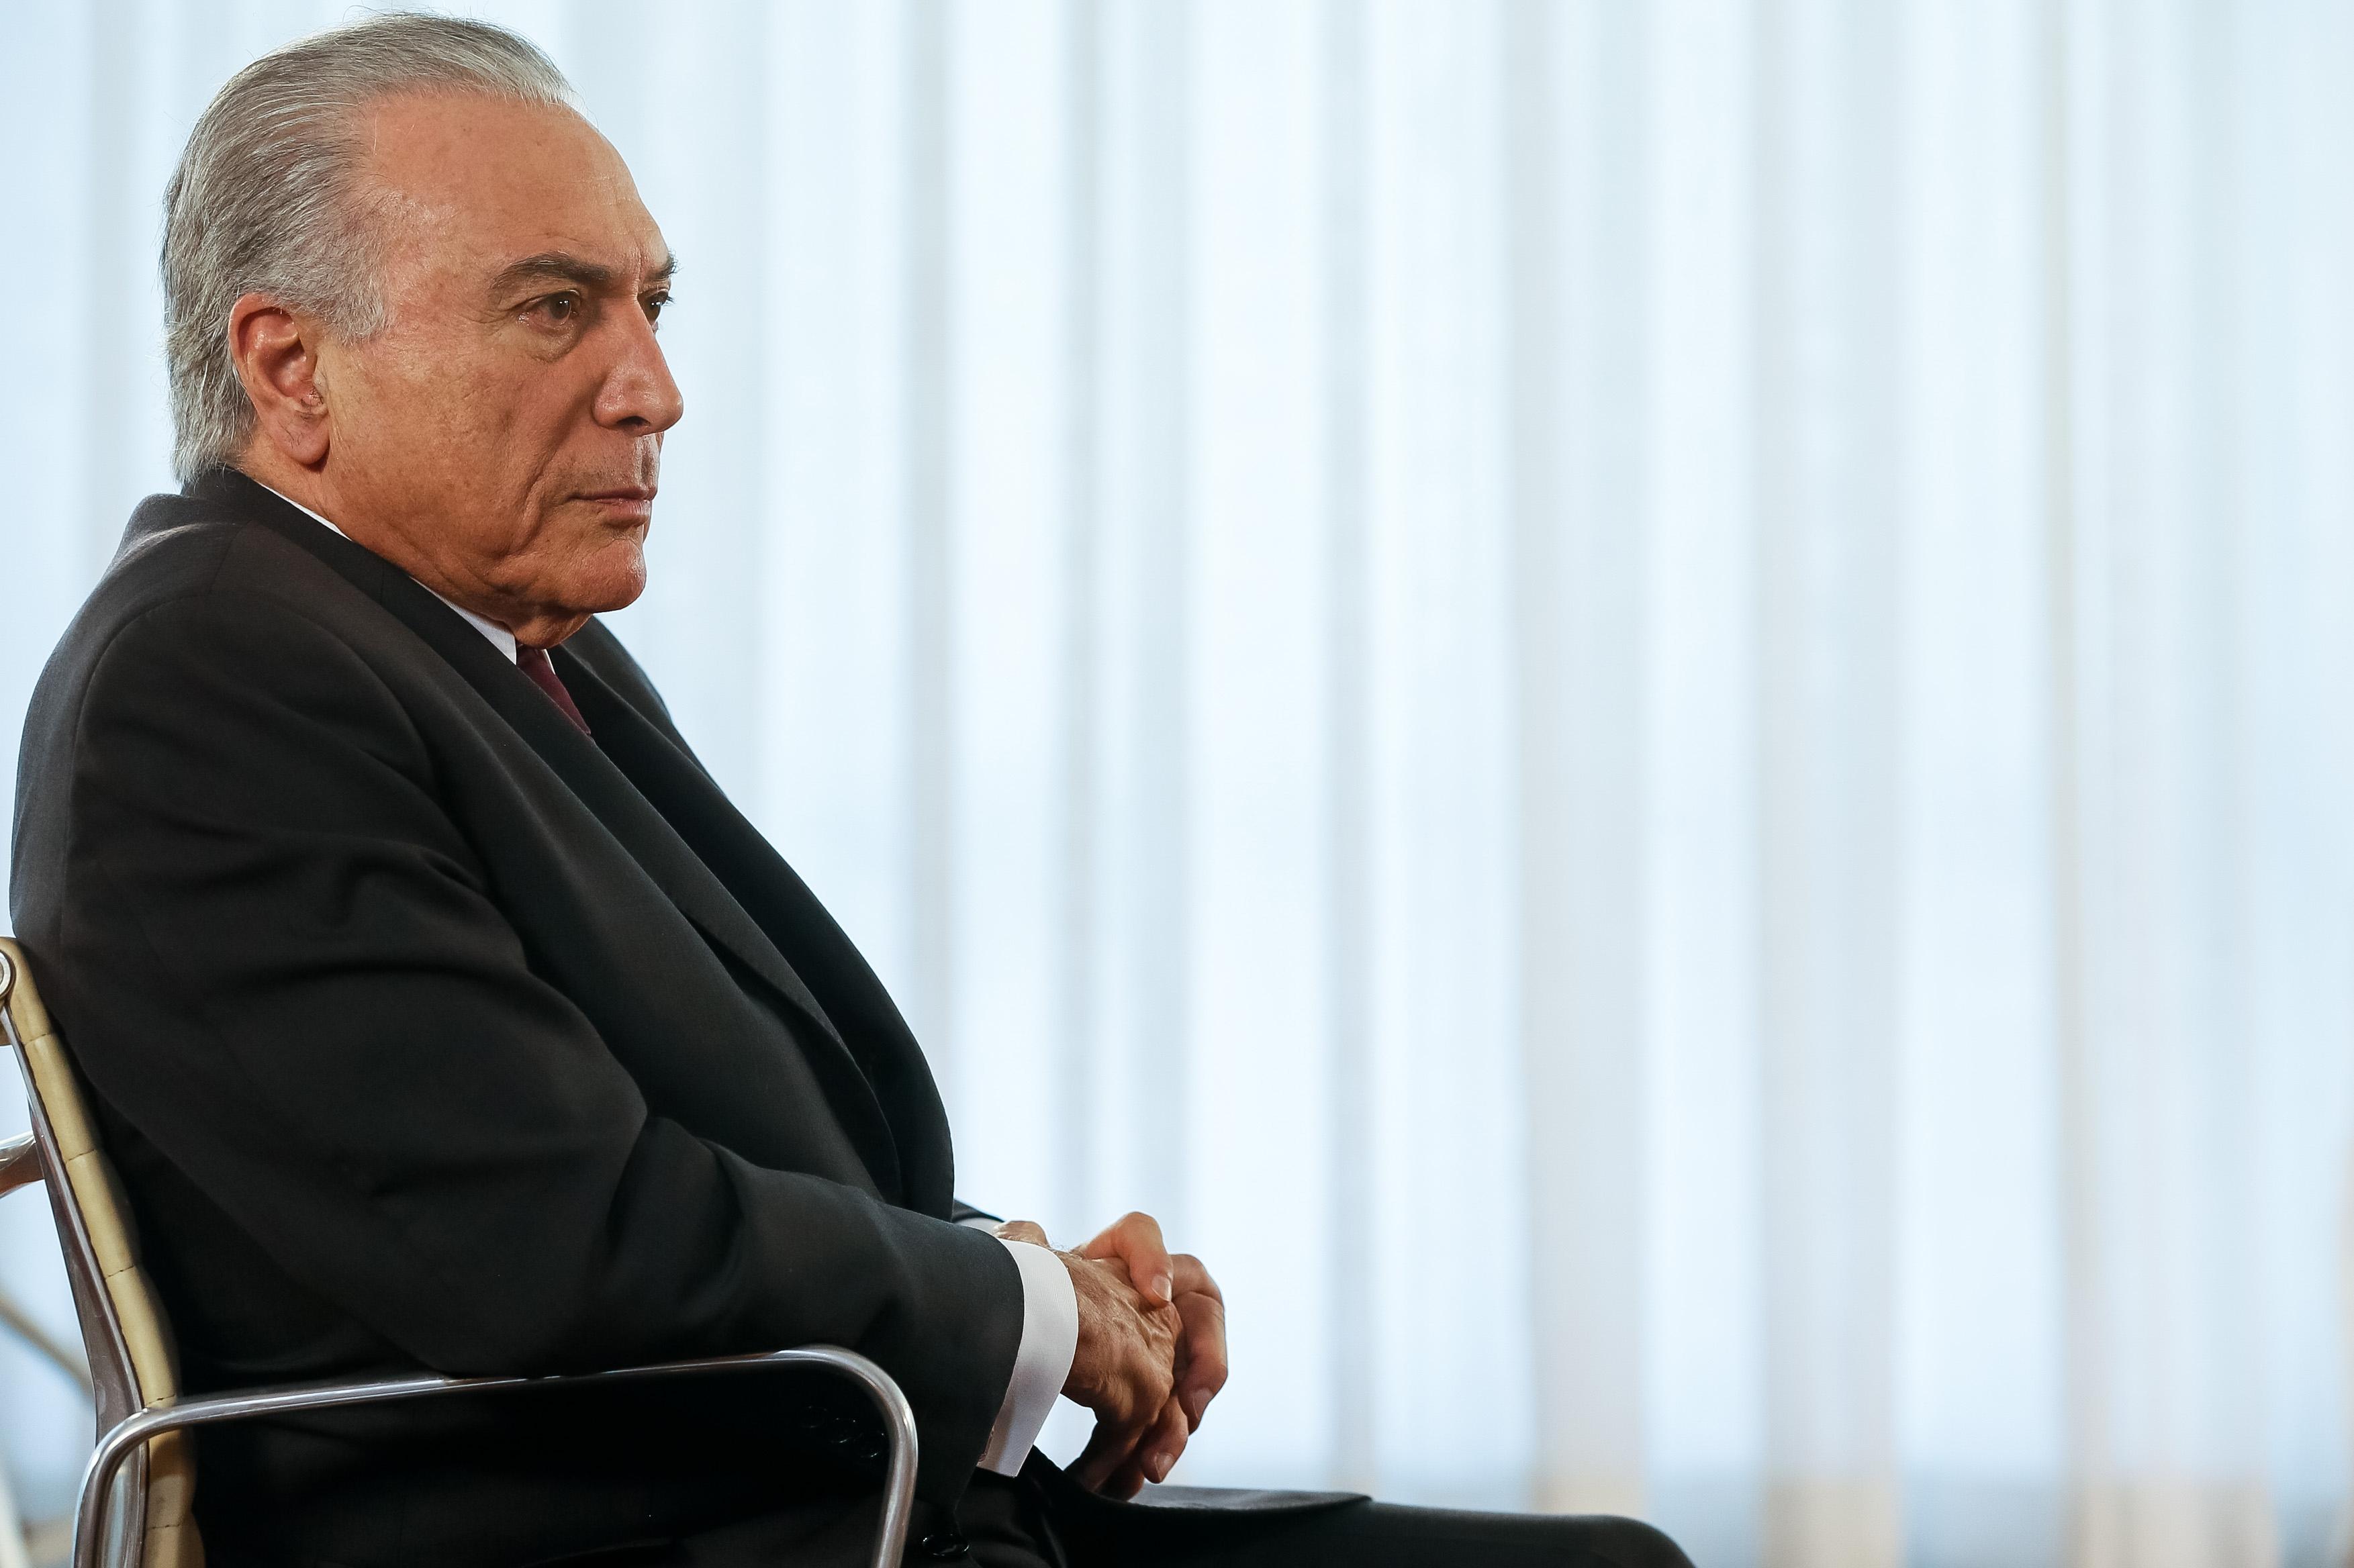 Mesmo com pedidos de impeachment, Temer conta com grande base de apoio - Beto Barata/Fotos Públicas/ND/Divulgação